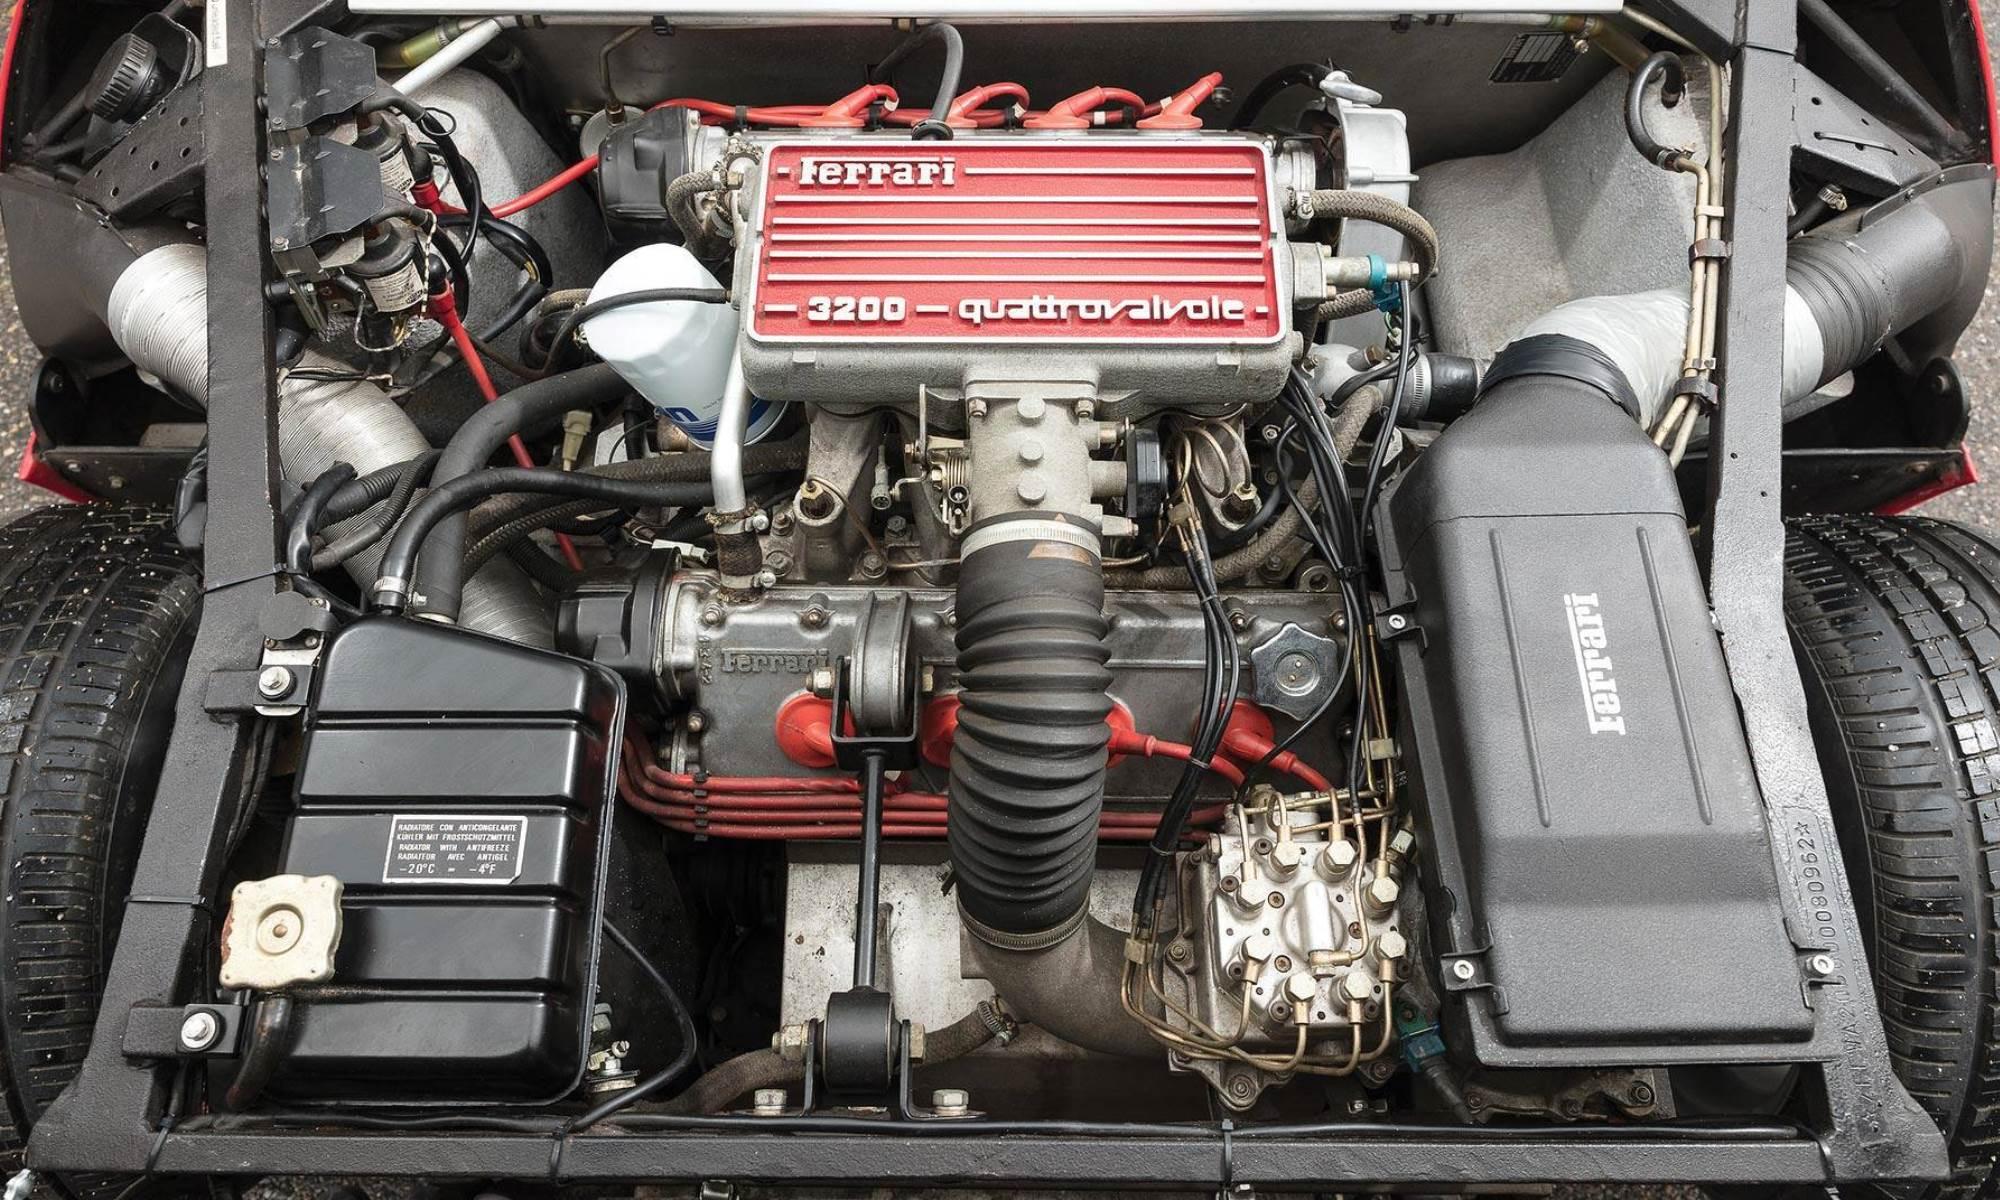 Ferrari Conciso engine